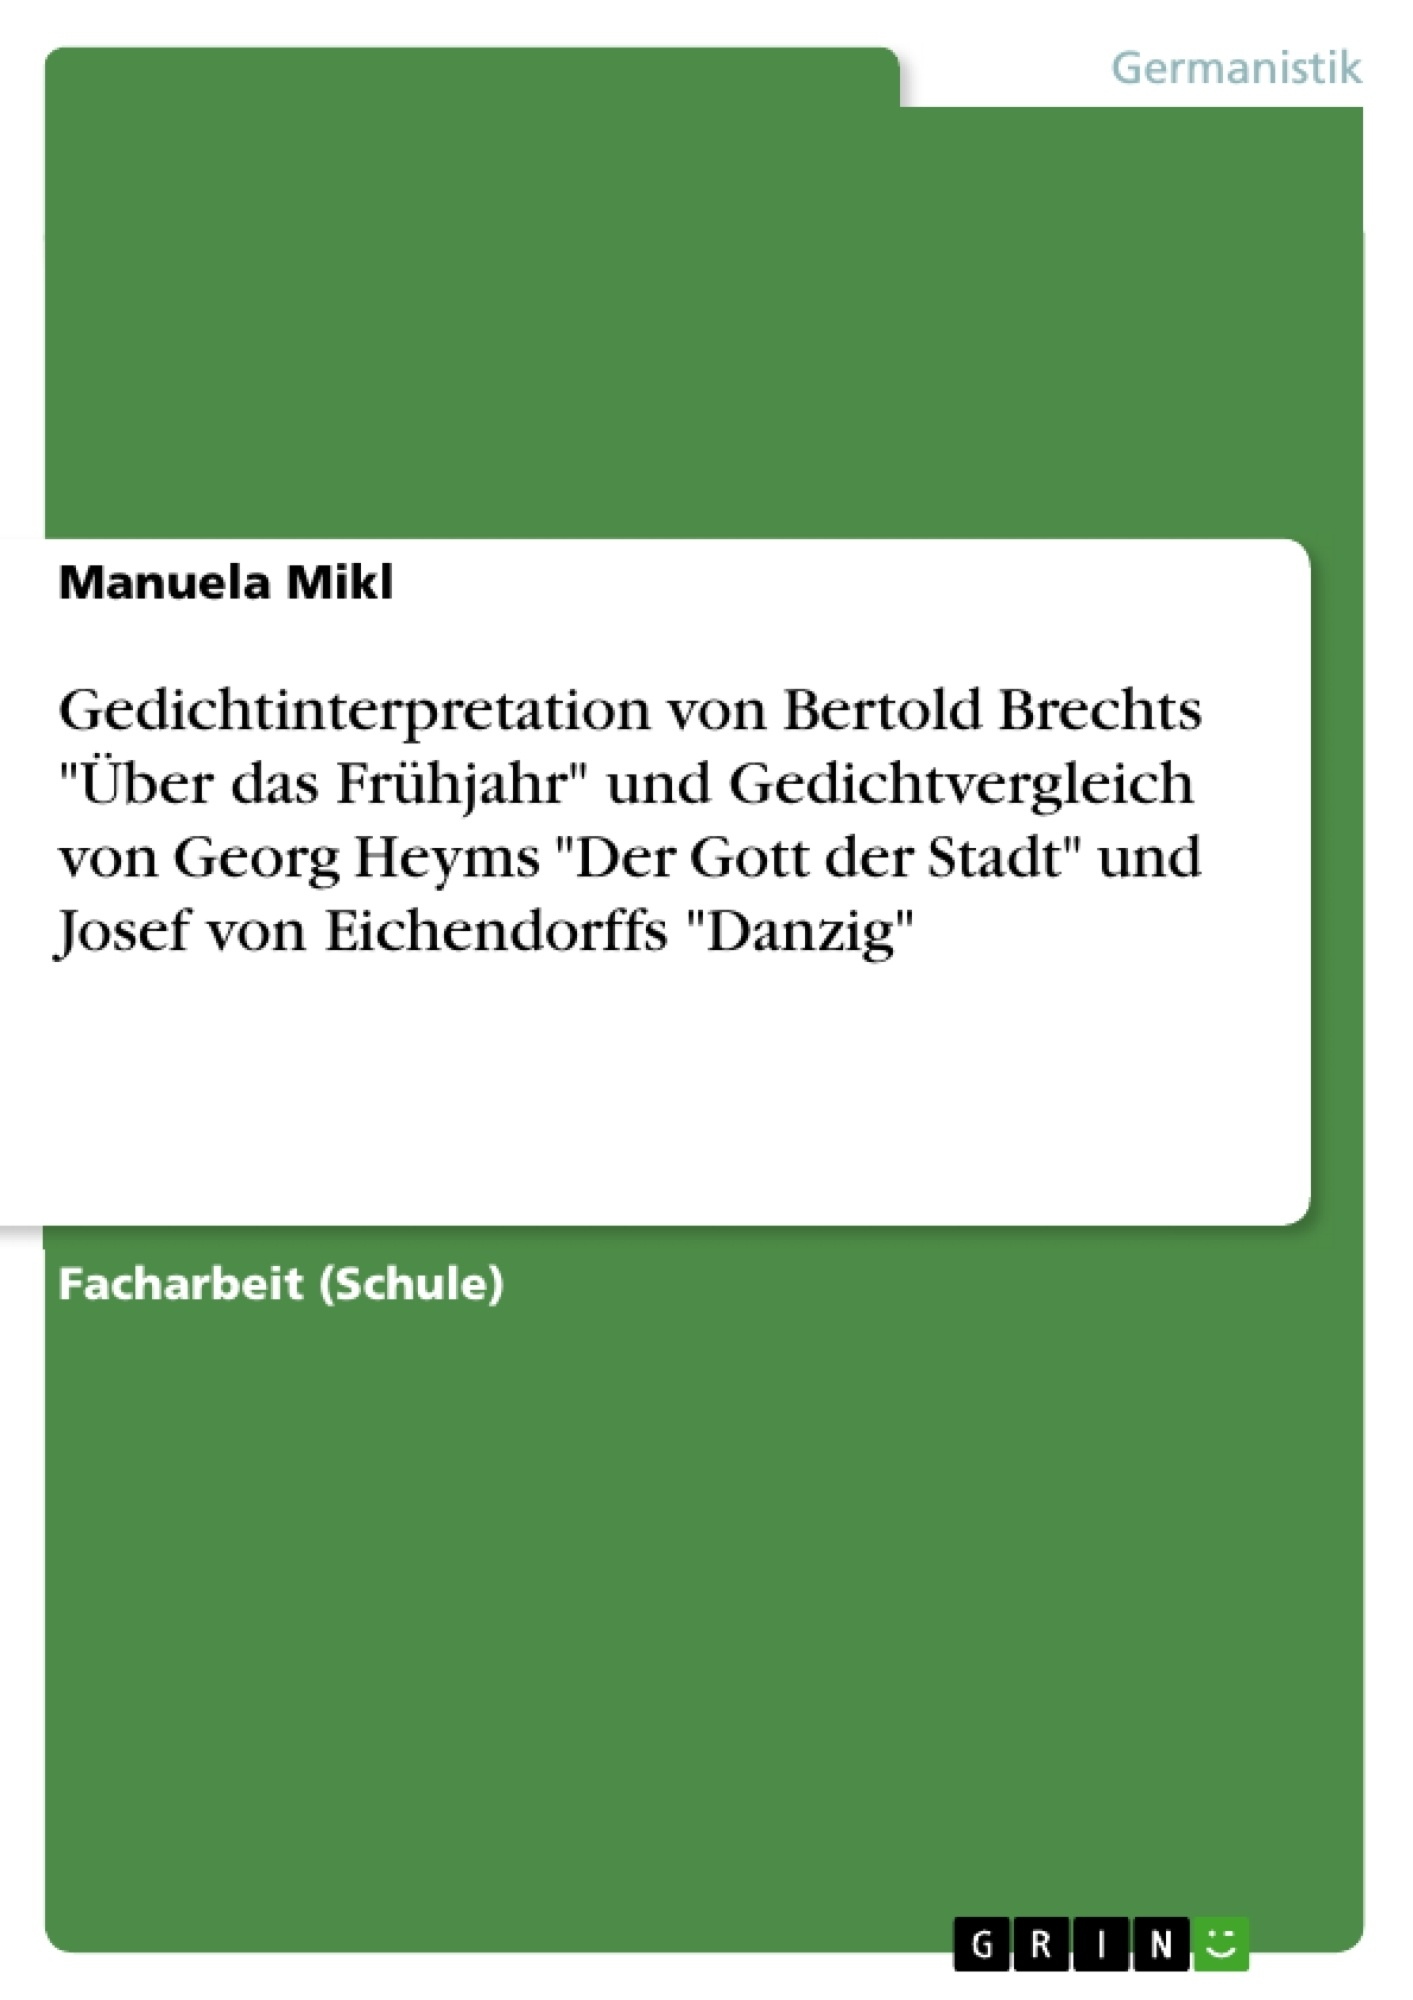 """Titel: Gedichtinterpretation von Bertold Brechts """"Über das Frühjahr"""" und Gedichtvergleich von Georg Heyms """"Der Gott der Stadt"""" und Josef von Eichendorffs """"Danzig"""""""